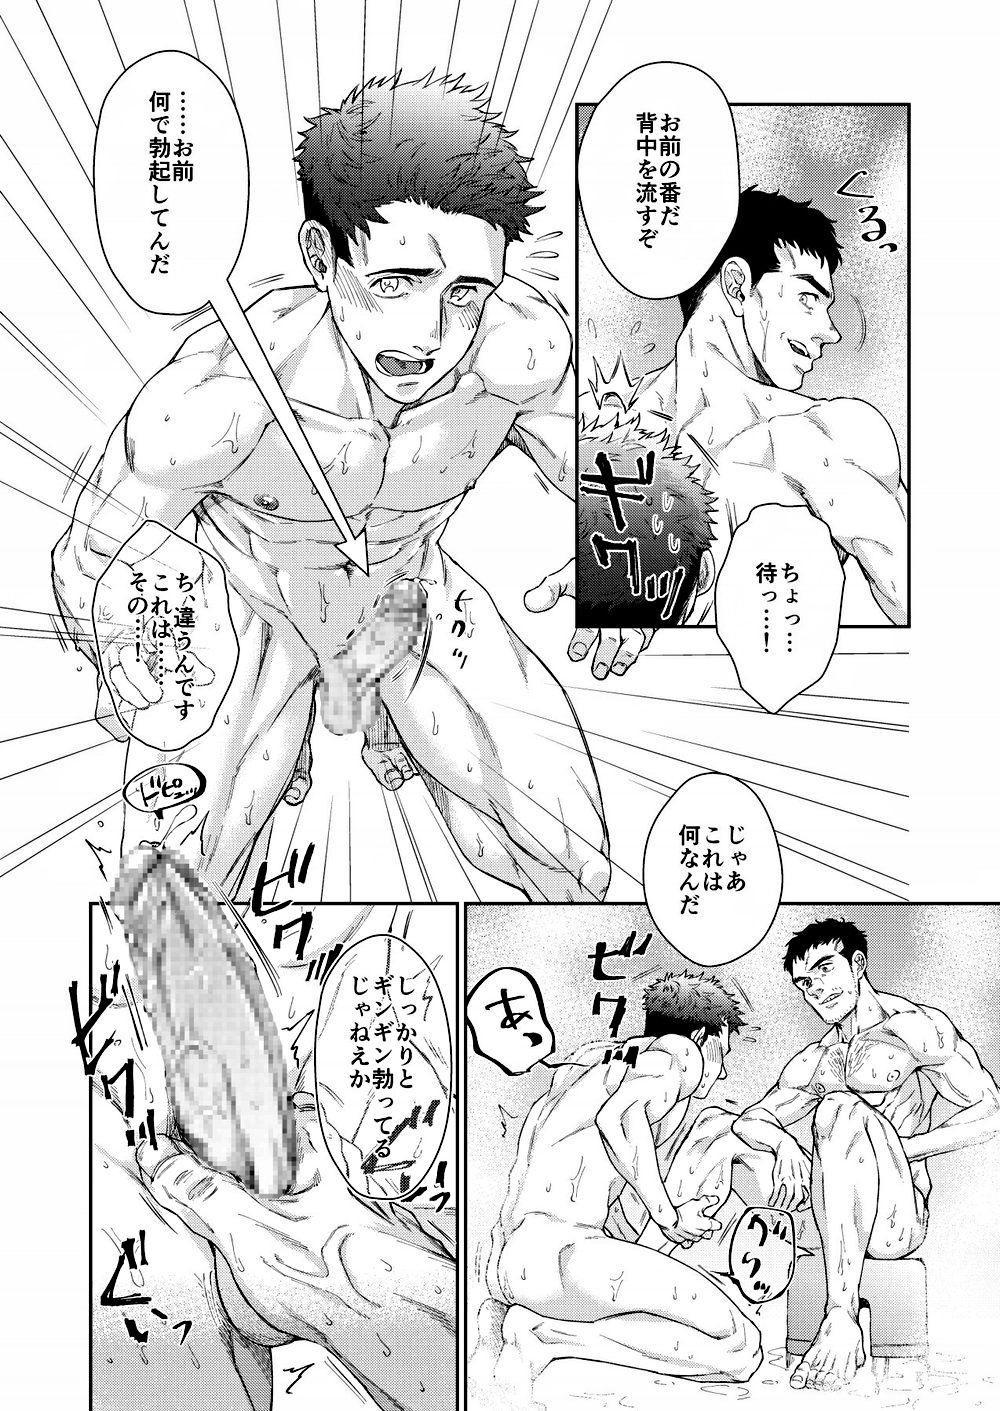 Kamishimo o nuide hitotsu bureikō 13